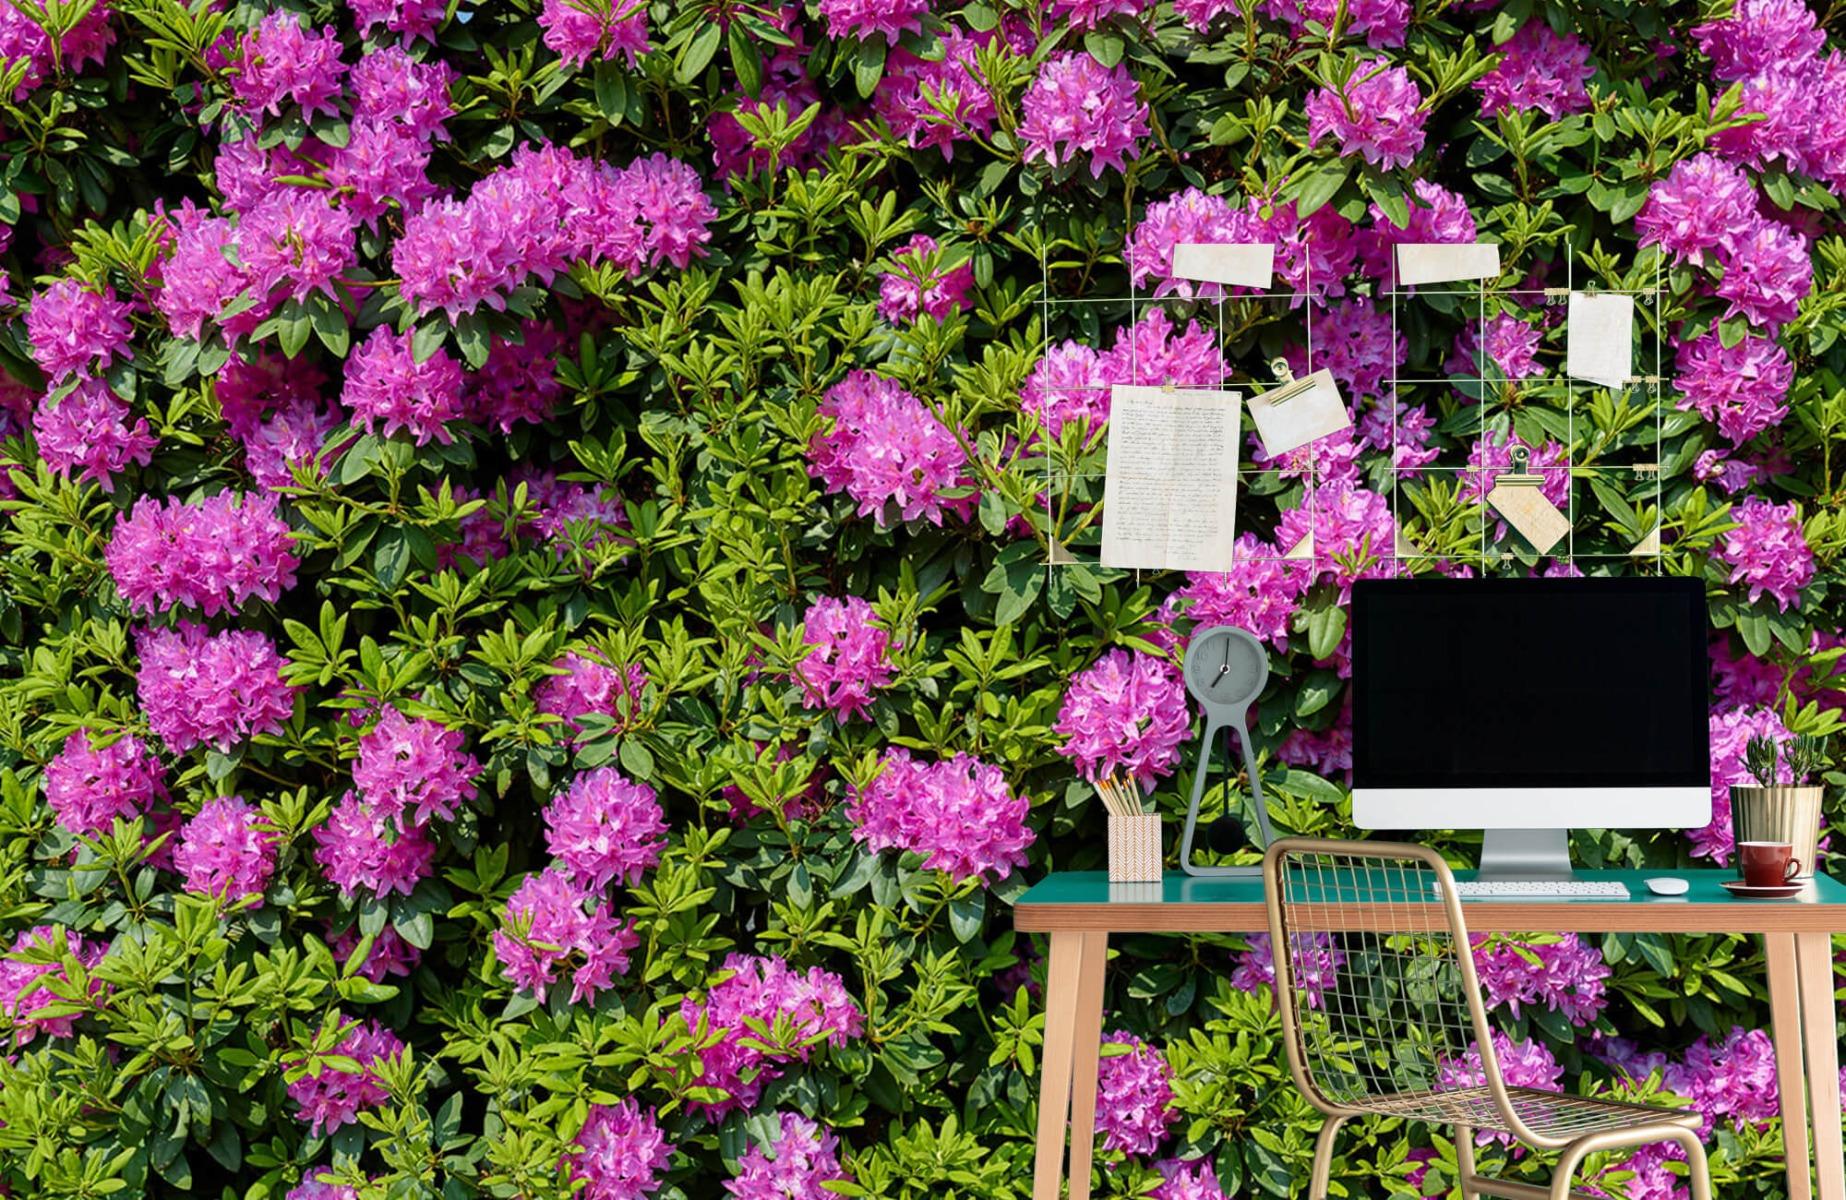 Bloemenvelden - Grote muur van rododendrons - Wallexclusive - Woonkamer 8